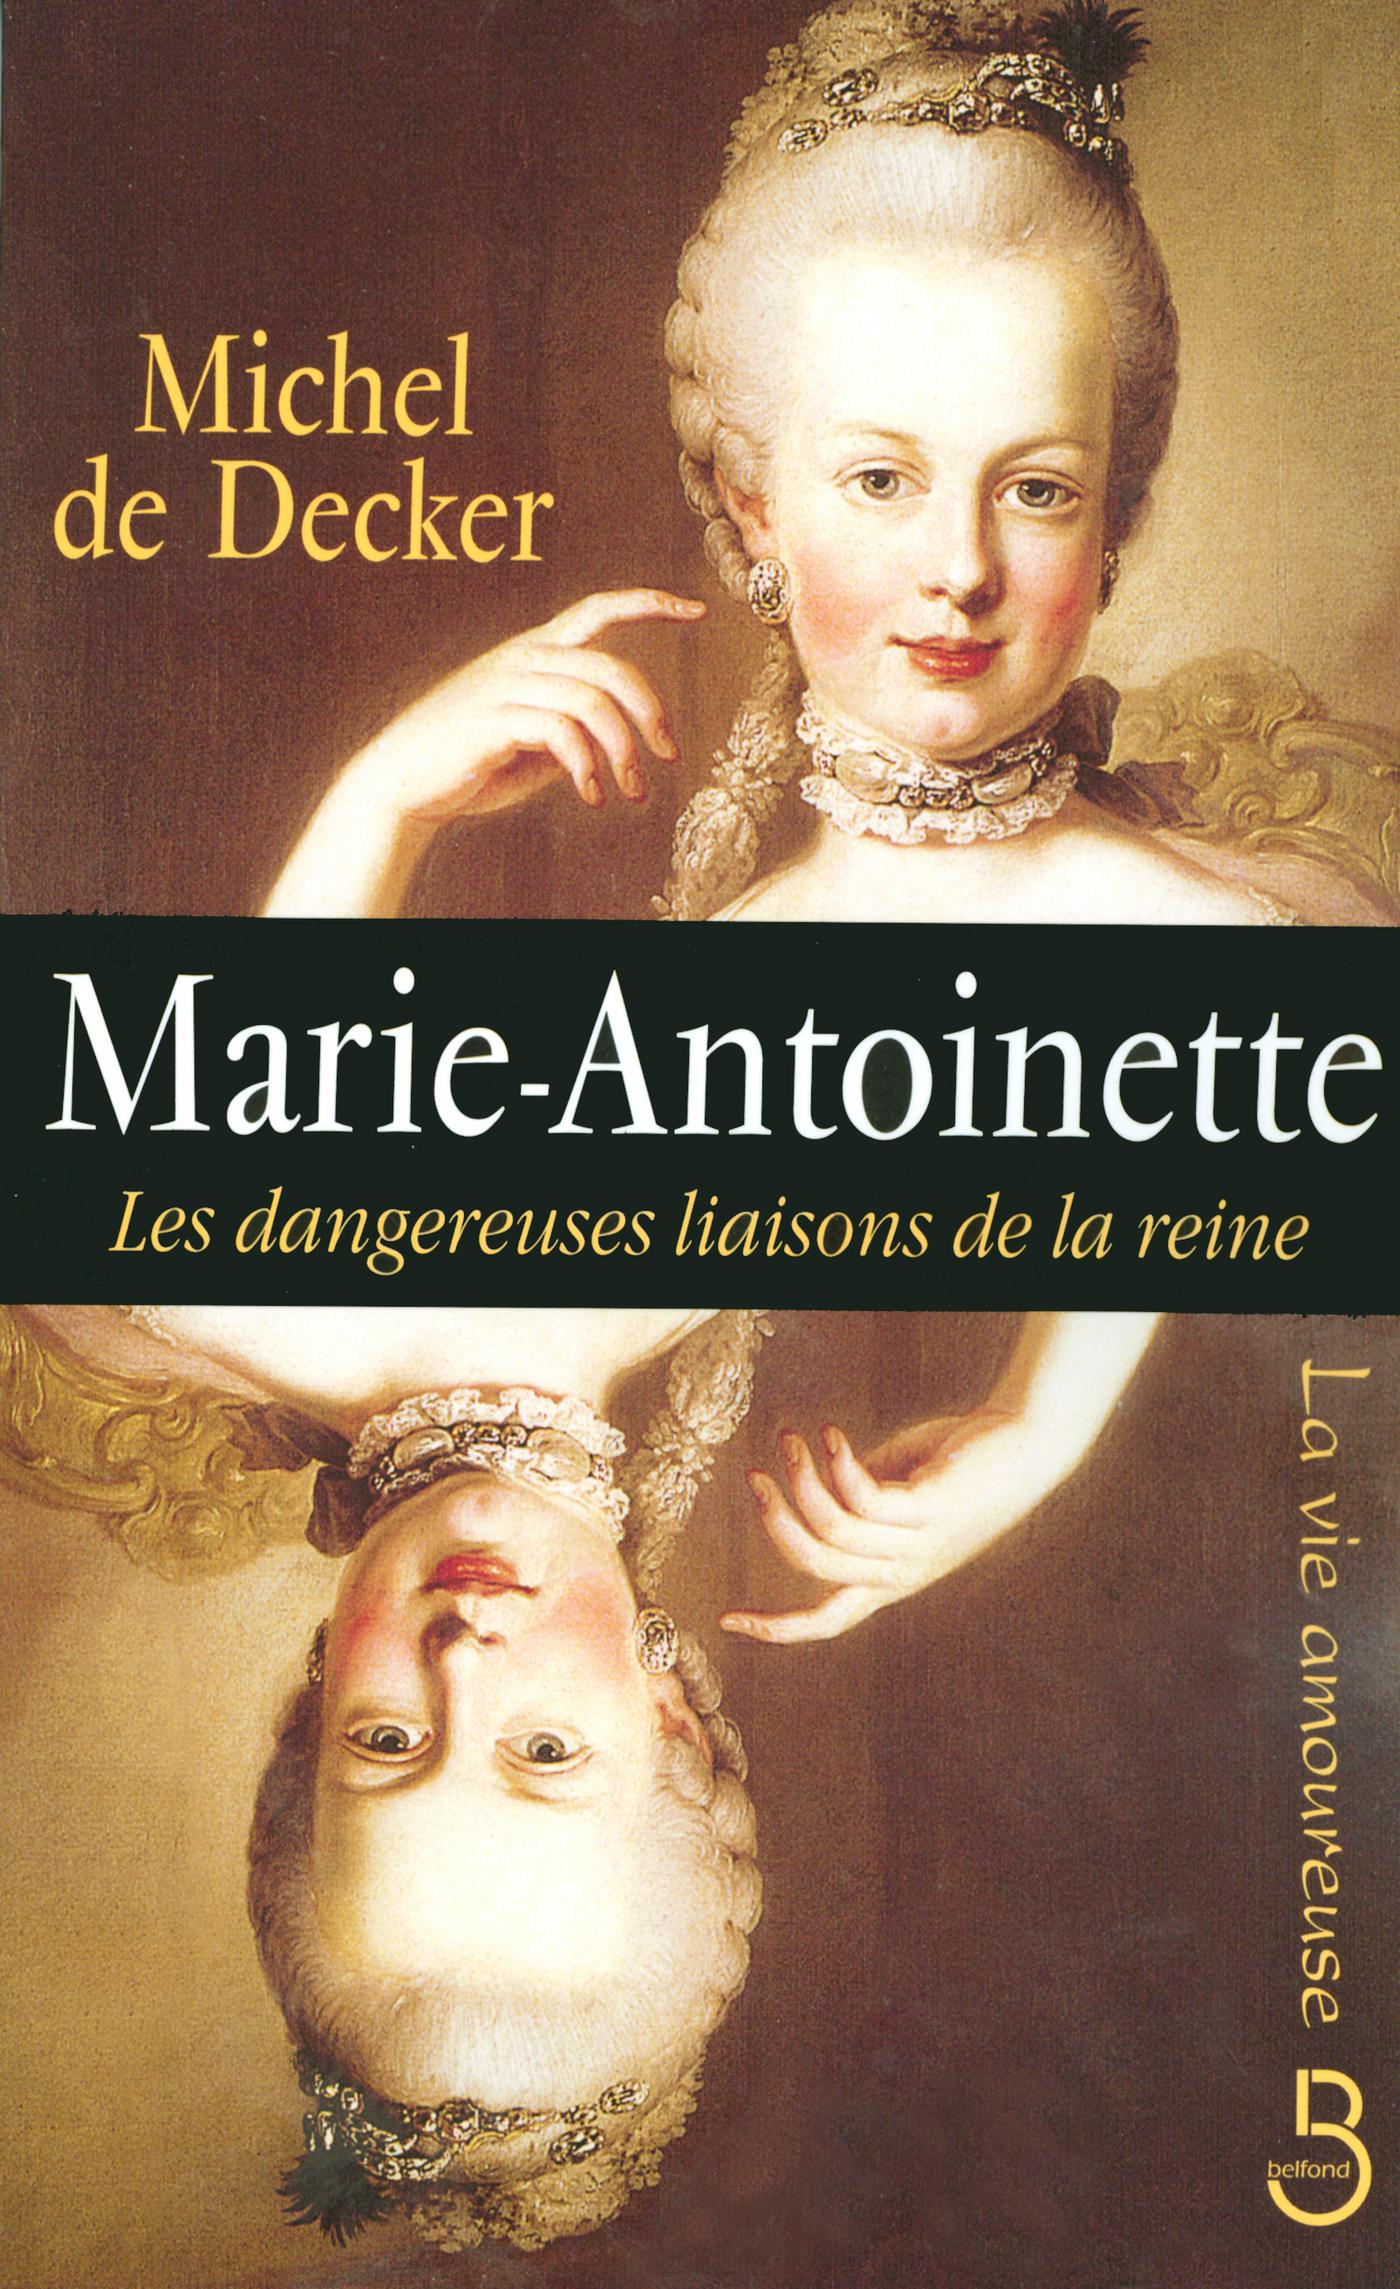 Marie-Antoinette (ebook)